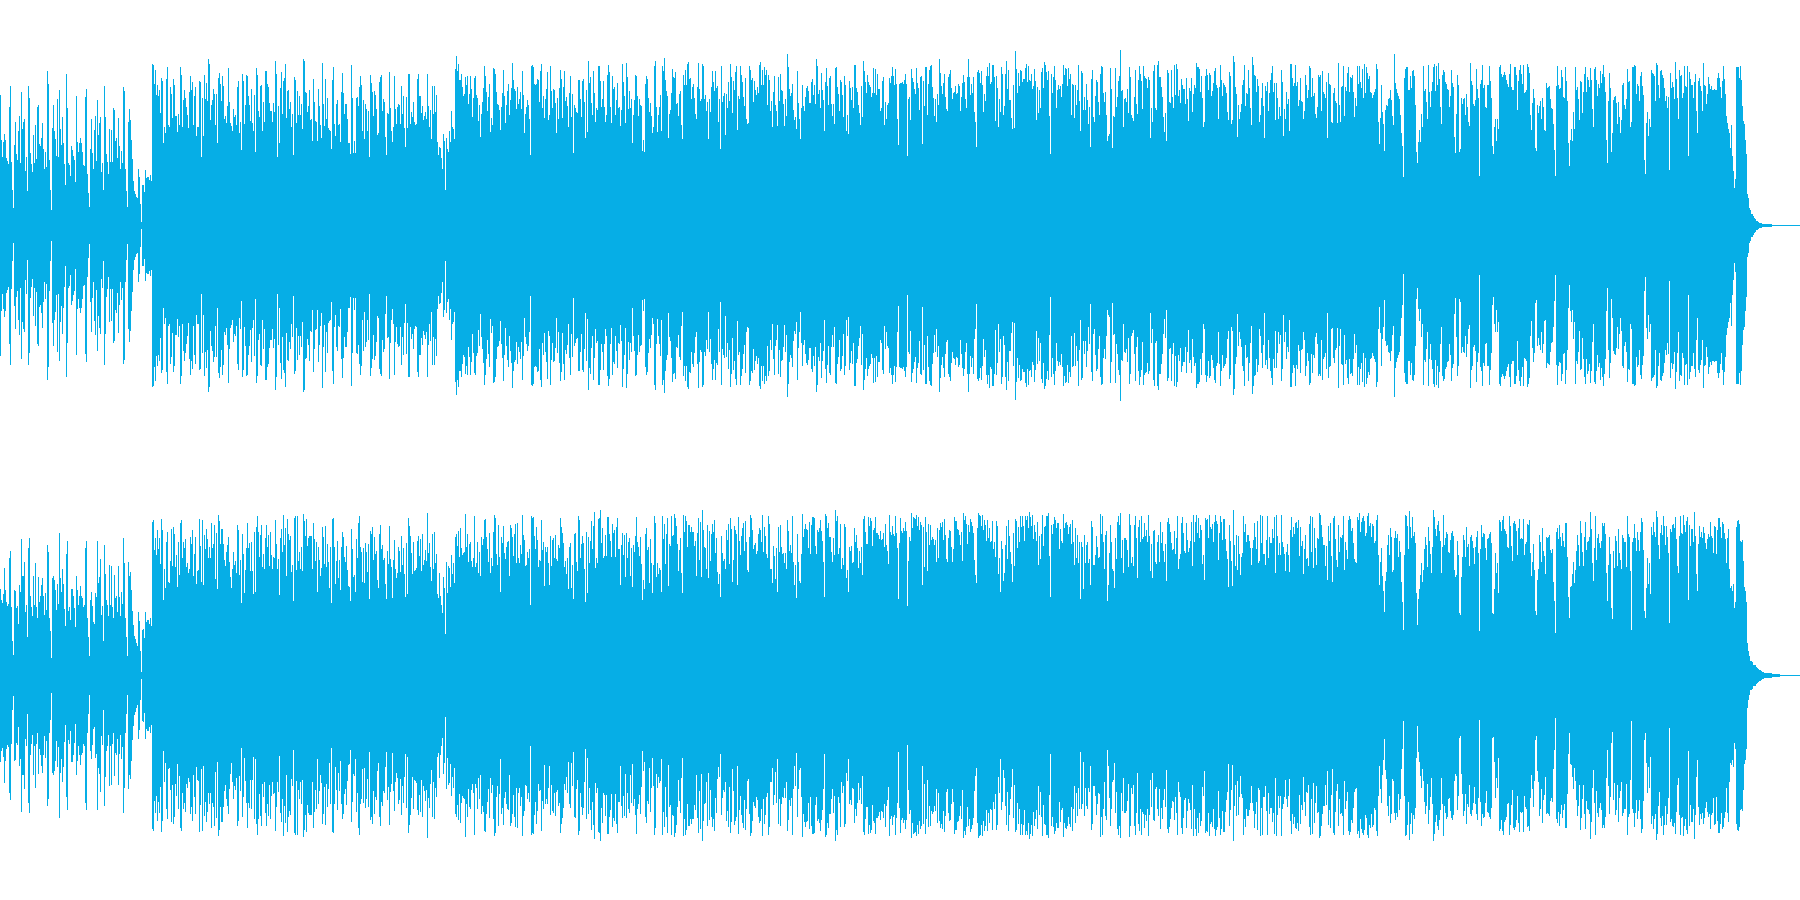 モダンな軽快な感じのするポップスの再生済みの波形